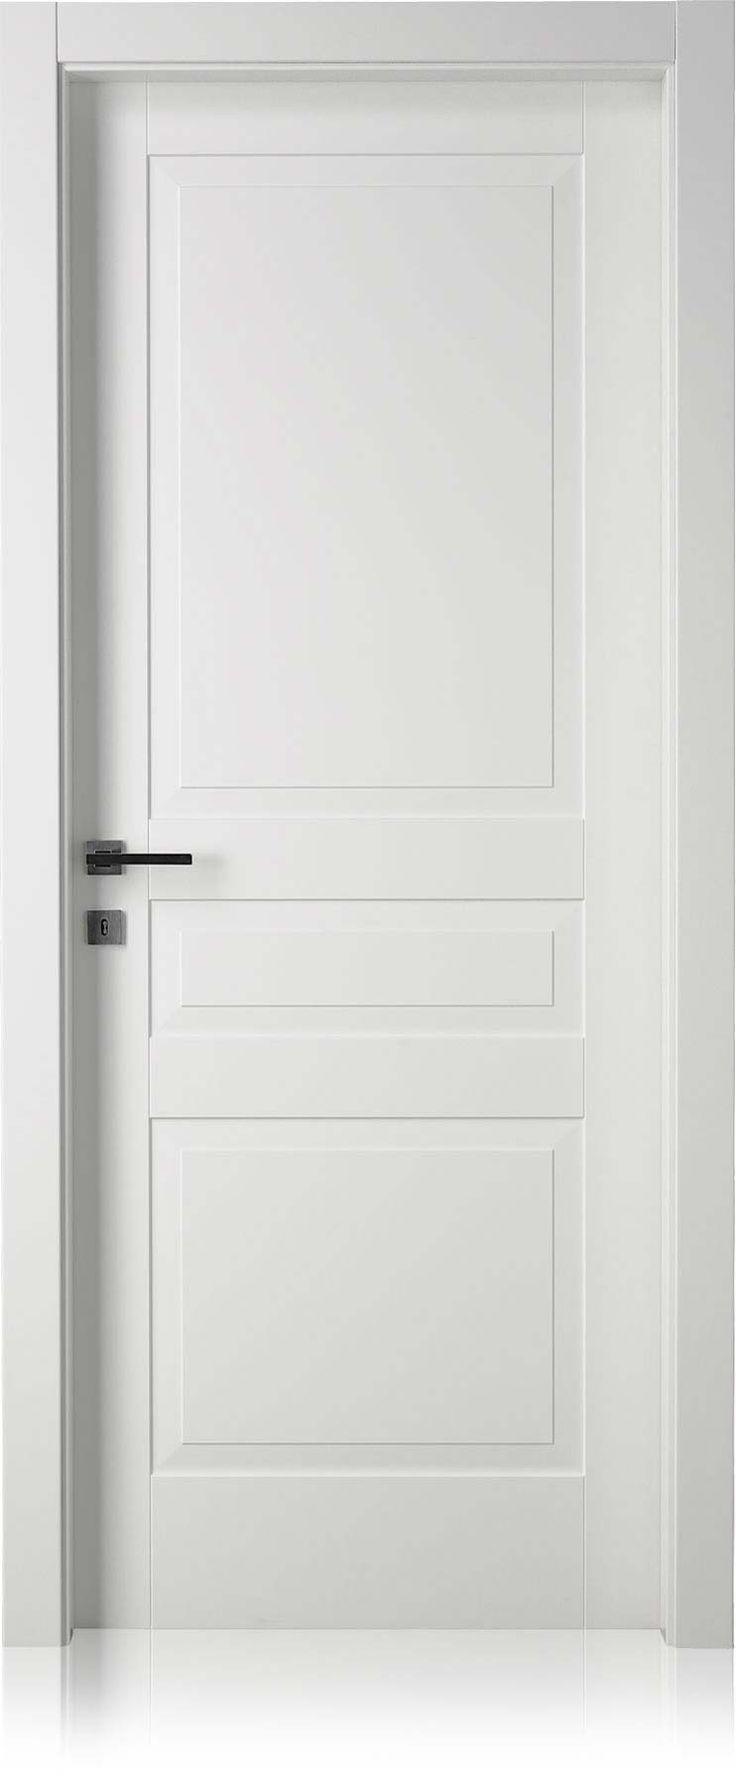 Oltre 25 fantastiche idee su porte interne su pinterest - Ferrero legno listino prezzi ...